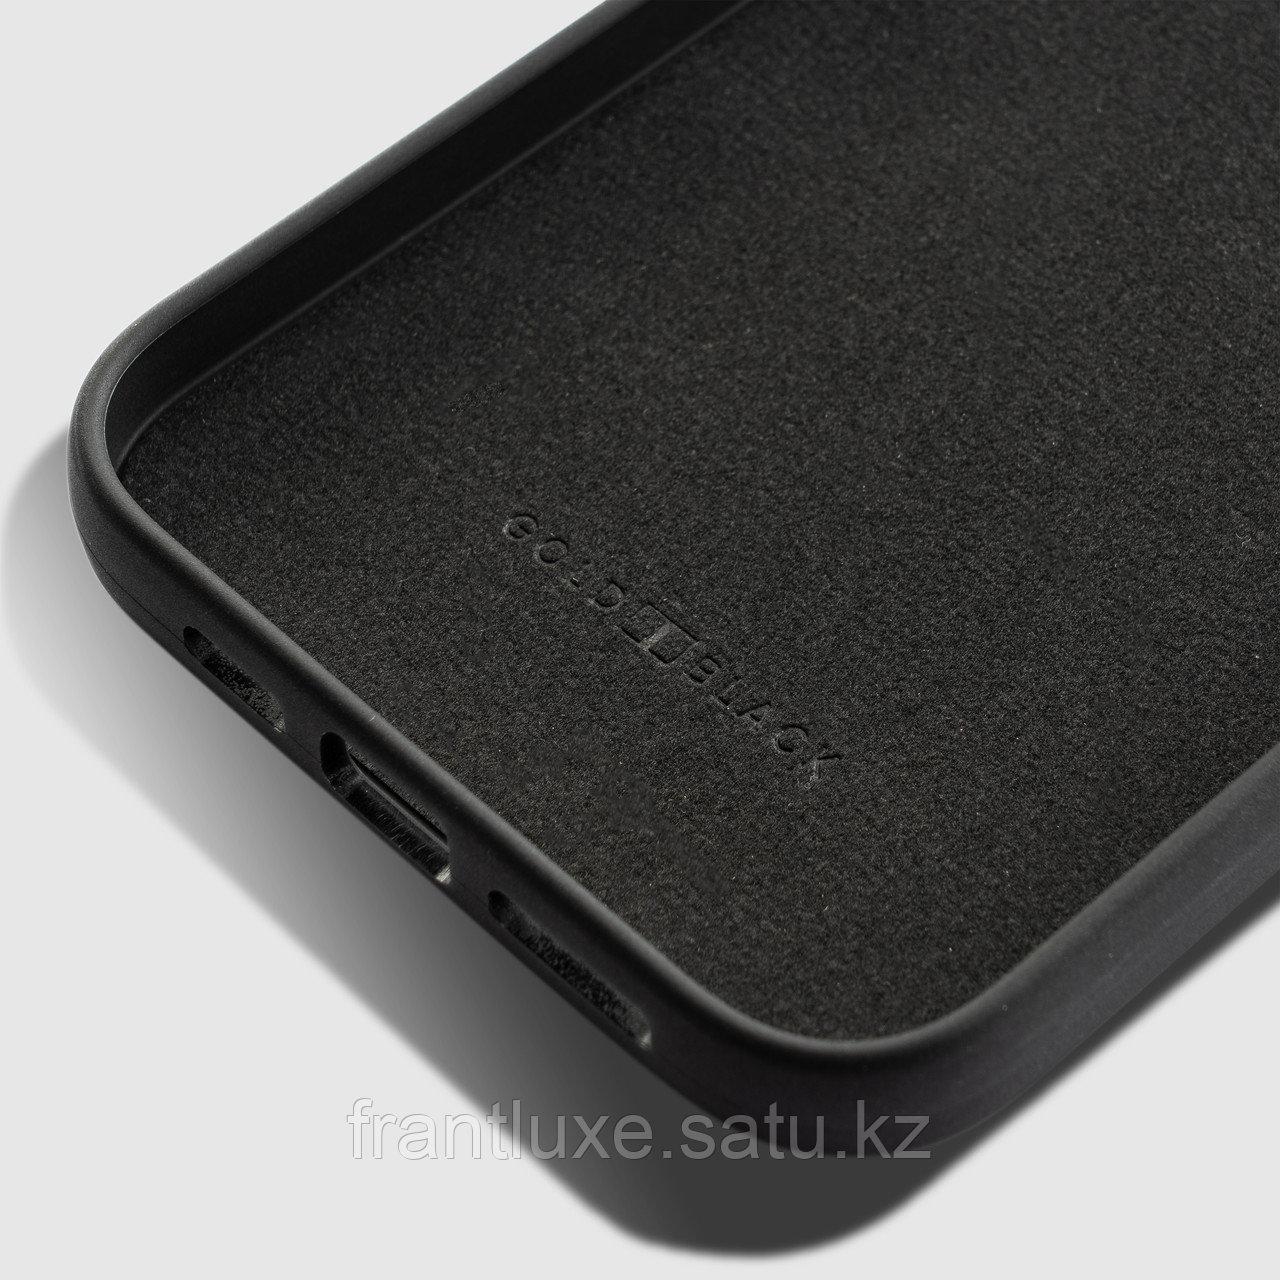 Чехол для телефона iPhone 12 Pro Max с ремешком-держателем синий - фото 8